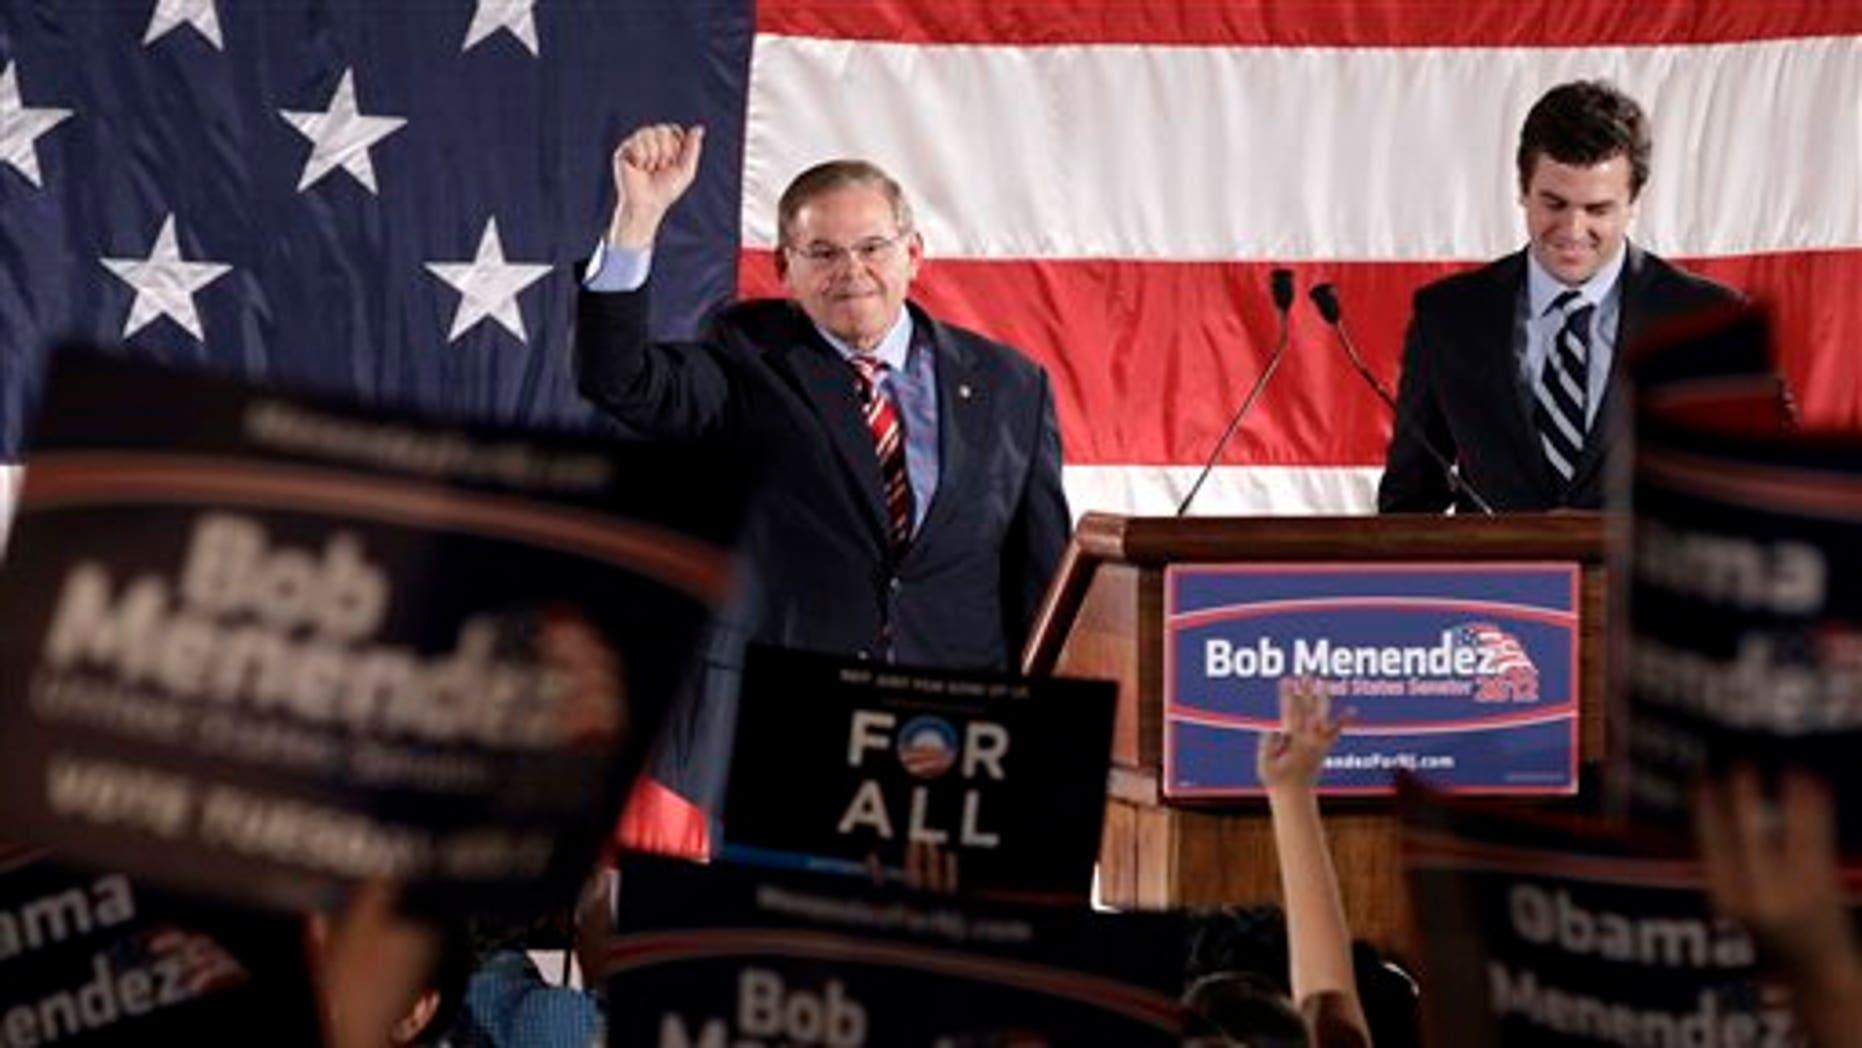 Nov. 6, 2012: Incumbent Democratic Sen. Robert Menendez, D-N.J., celebrates with a crowd.